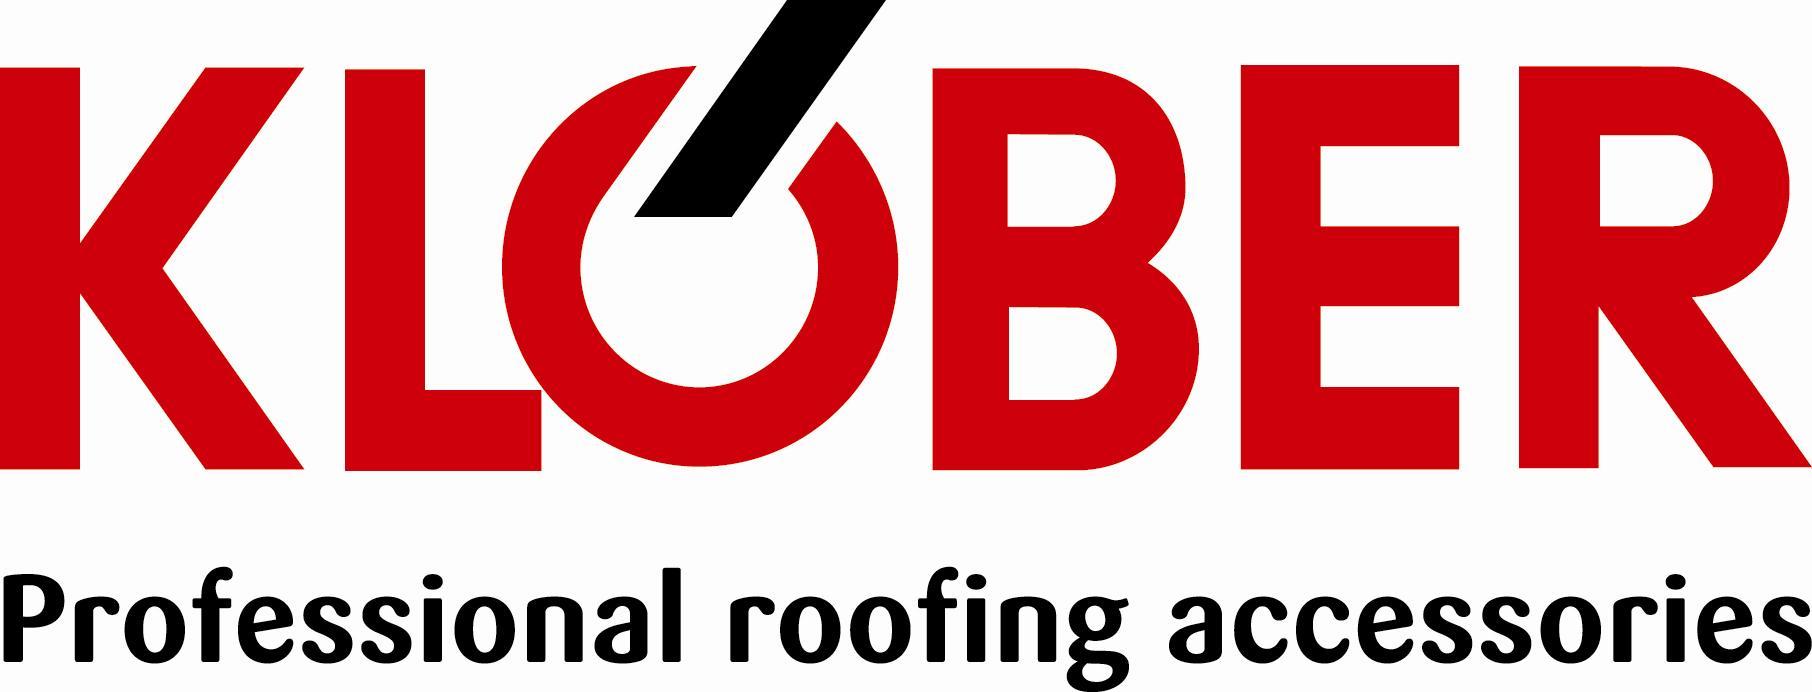 Klober_logo.jpg